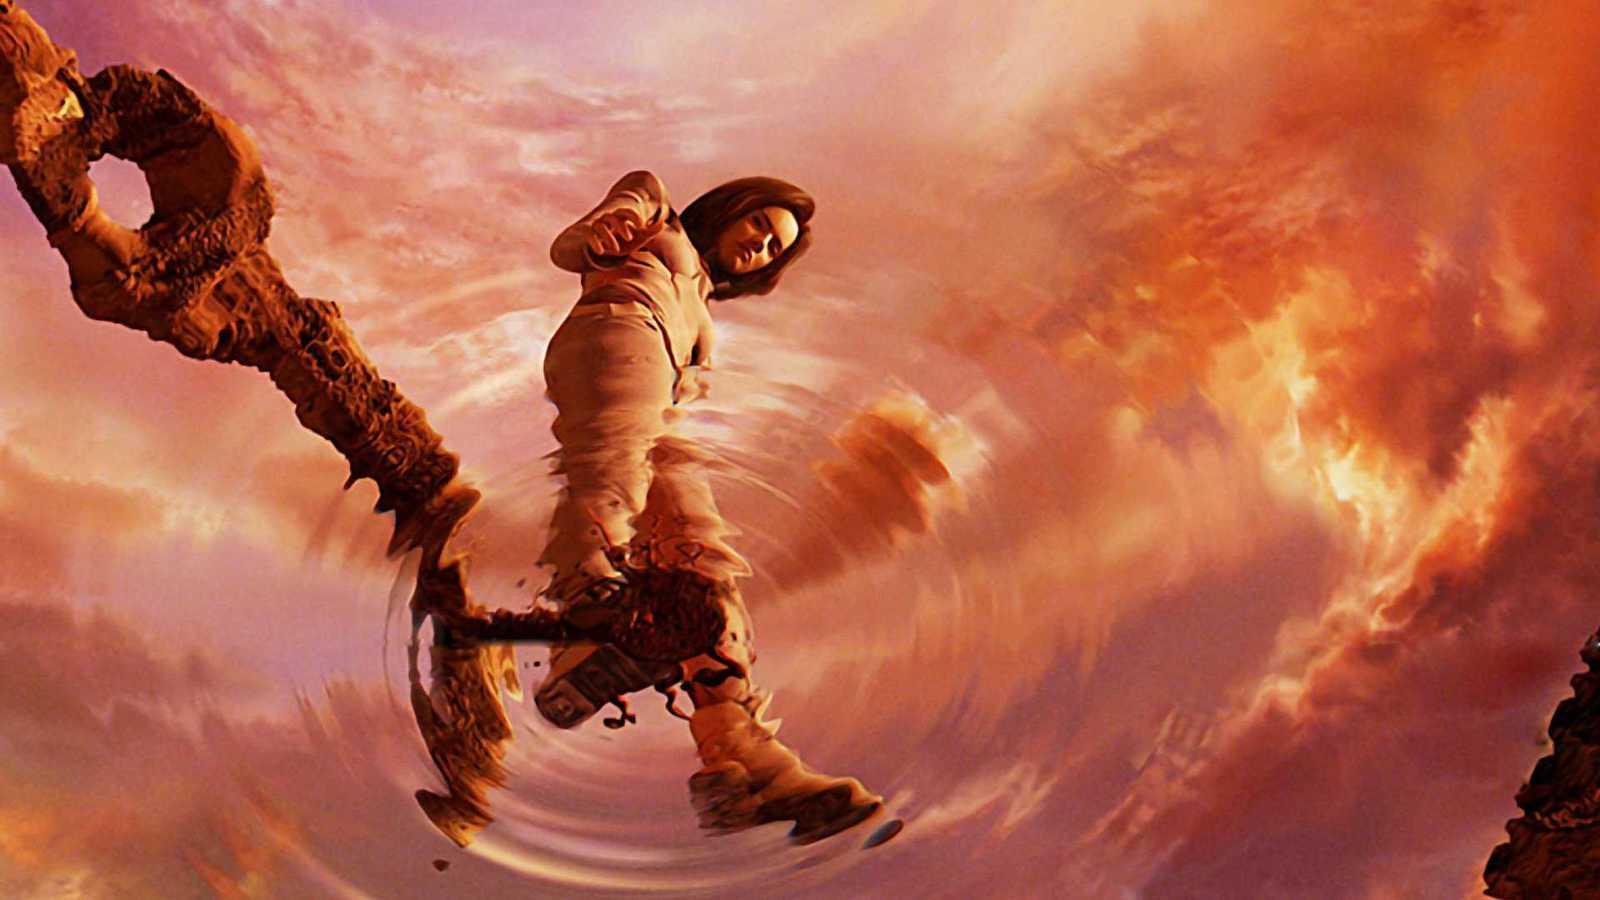 полнометражные анимационные фильмы про космос